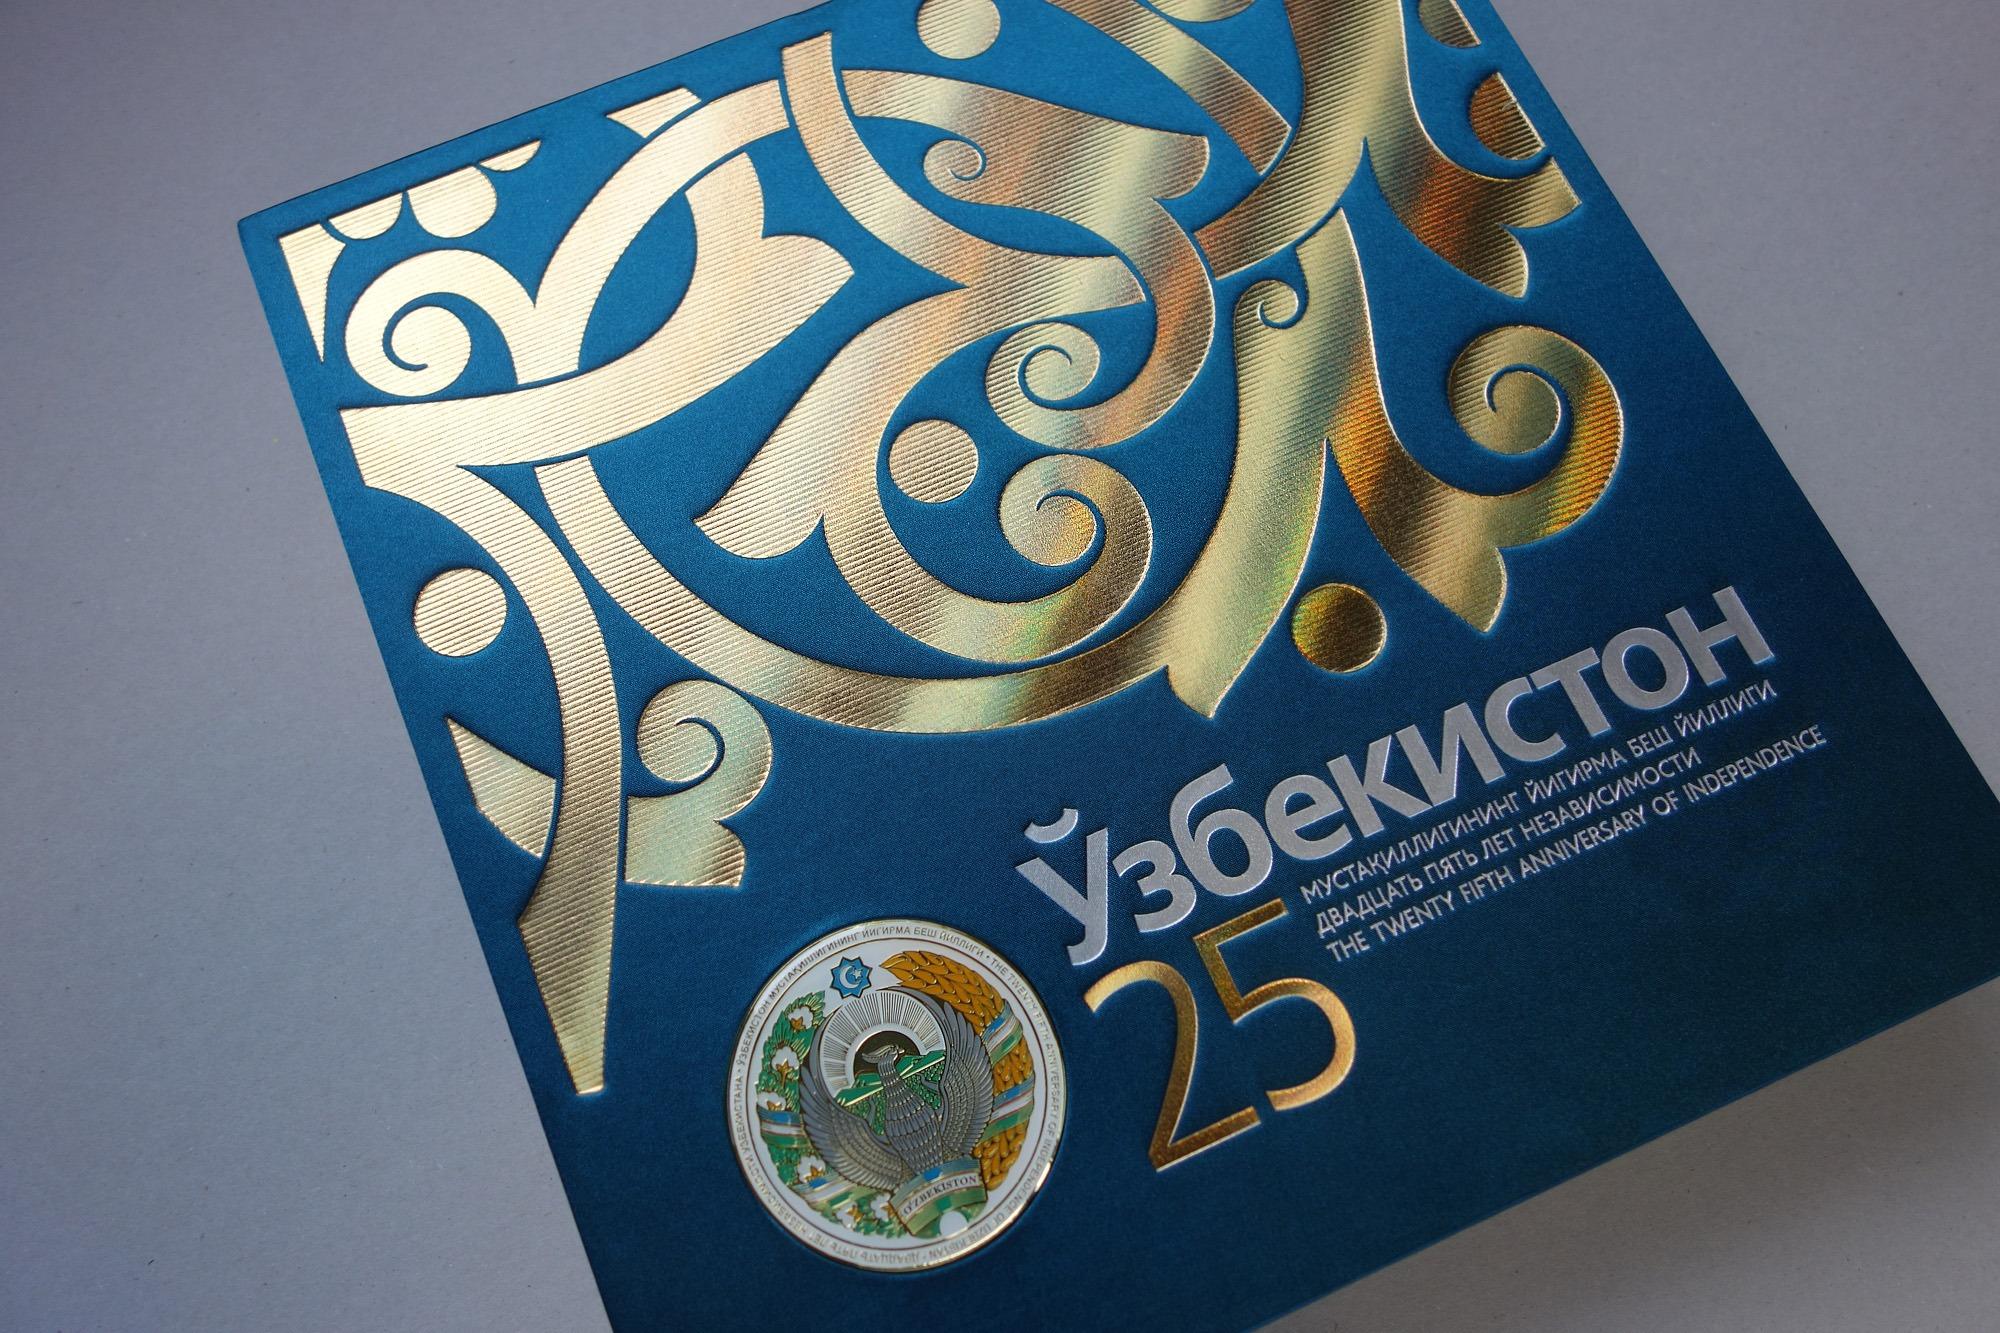 Uzbekistan 25, дизайн подарочных изданий